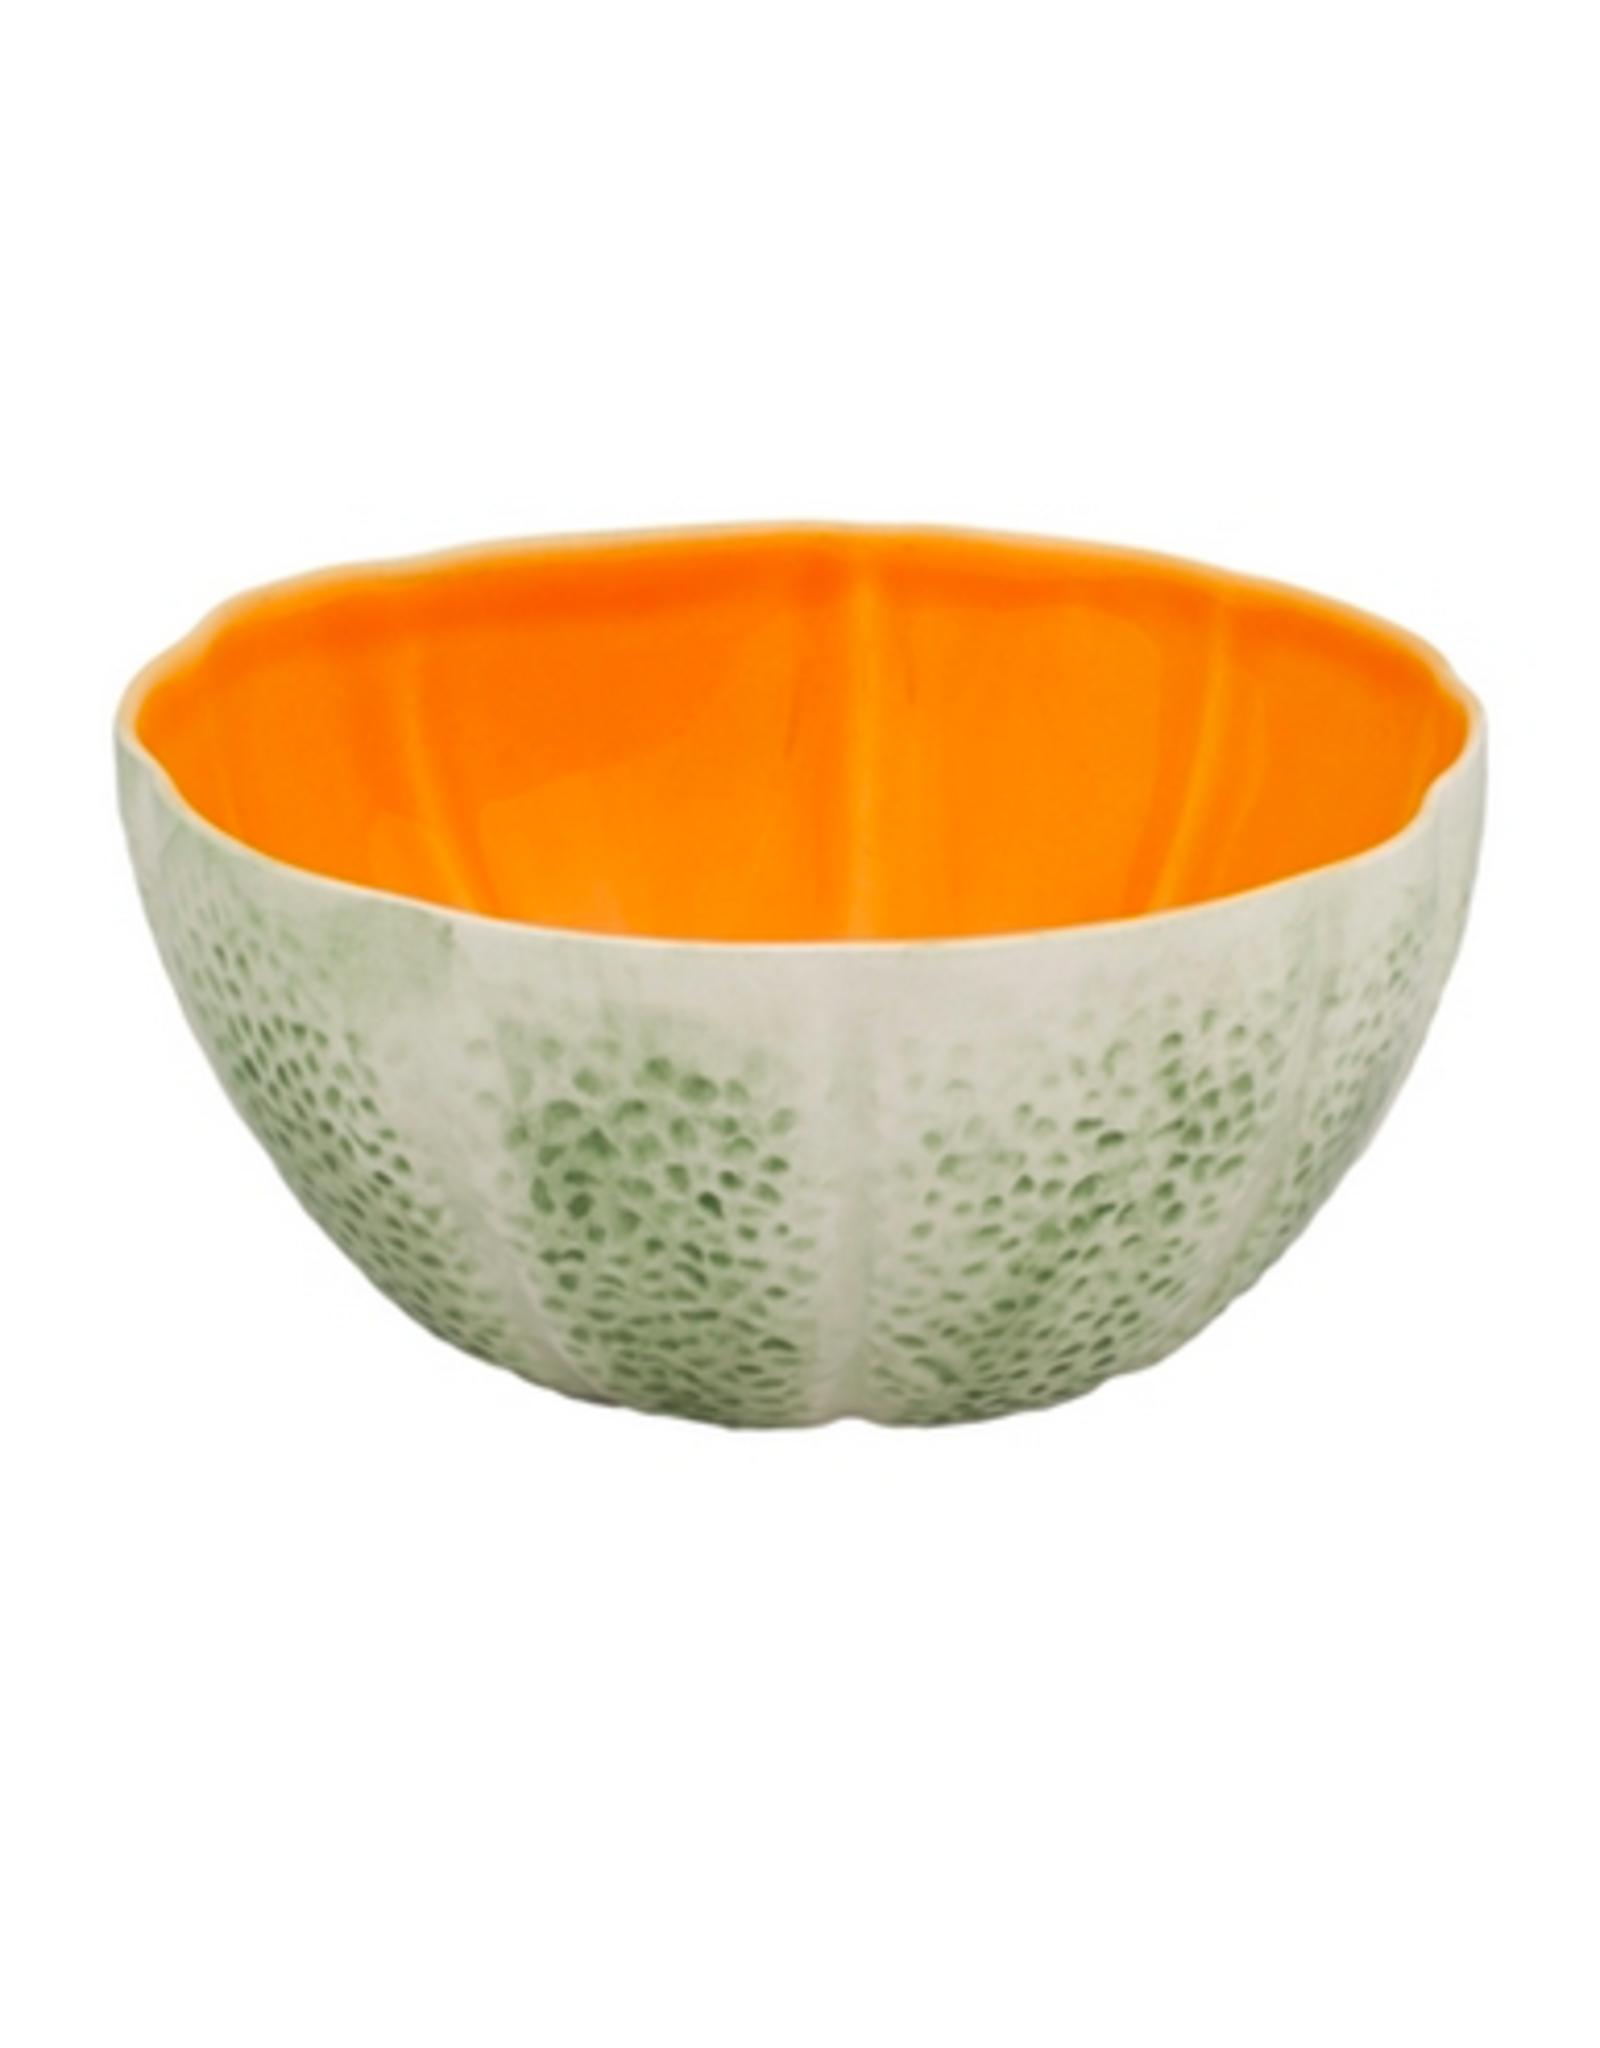 Bordalo Pinheiro Bowl 15cm Melon